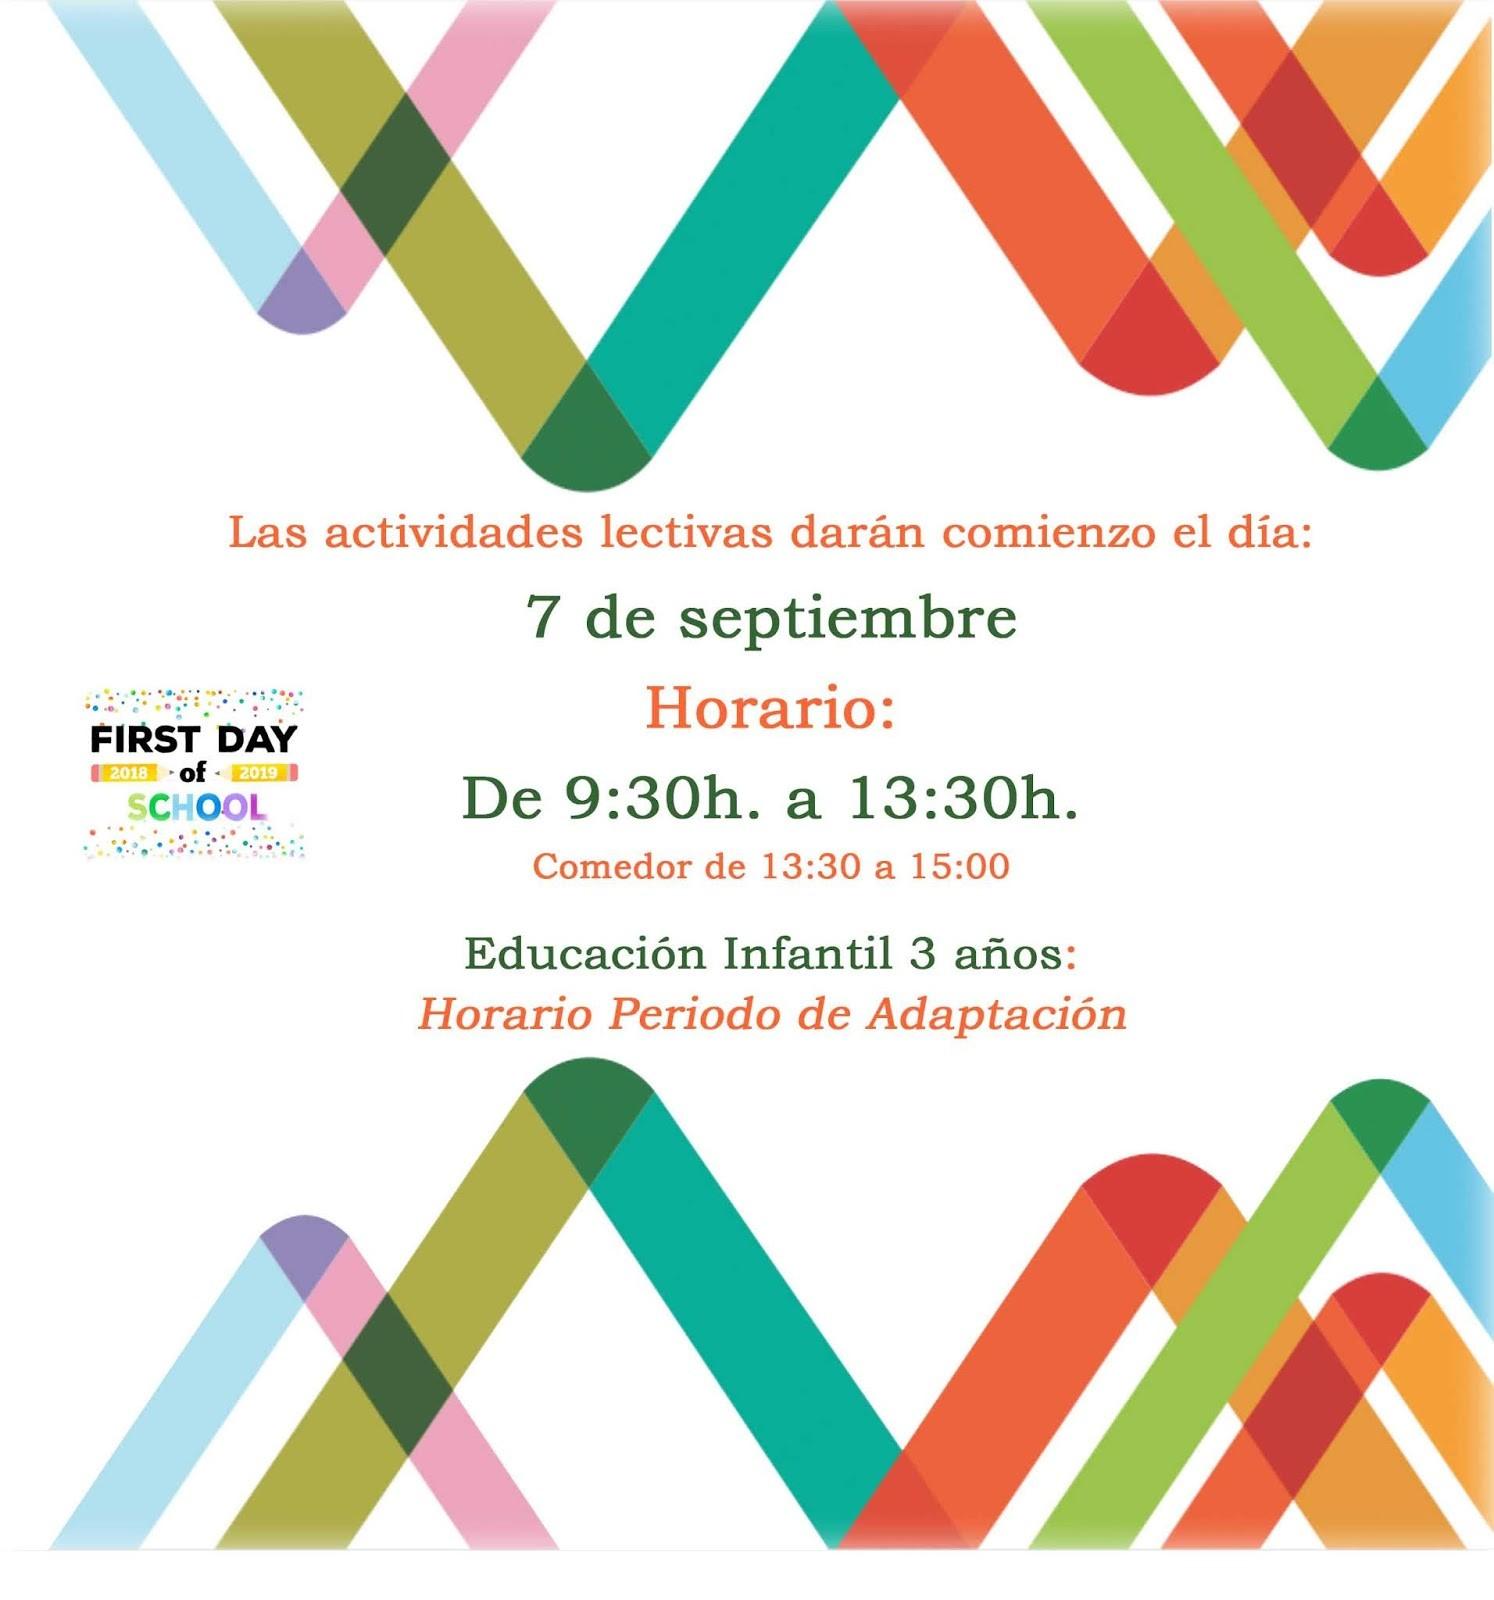 Calendario Escolar Zaragoza 2018 Y 2019 Más Arriba-a-fecha Ceip Antonio Machado Of Calendario Escolar Zaragoza 2018 Y 2019 Más Reciente Calendario Escolar – Ies Emilio Jimeno